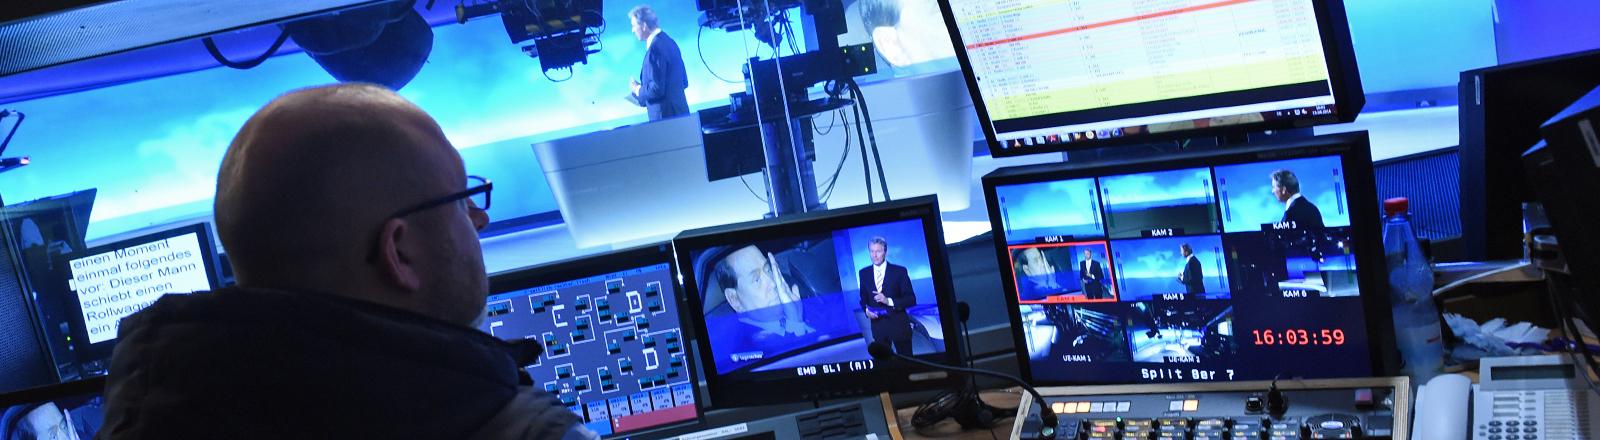 """Moderator Claus-Erich Boetzkes ist am 15.04.2014 im neuen """"Tagesschau""""-Studio beim NDR in Hamburg auf den Bildschirmen in der Regie zu sehen."""